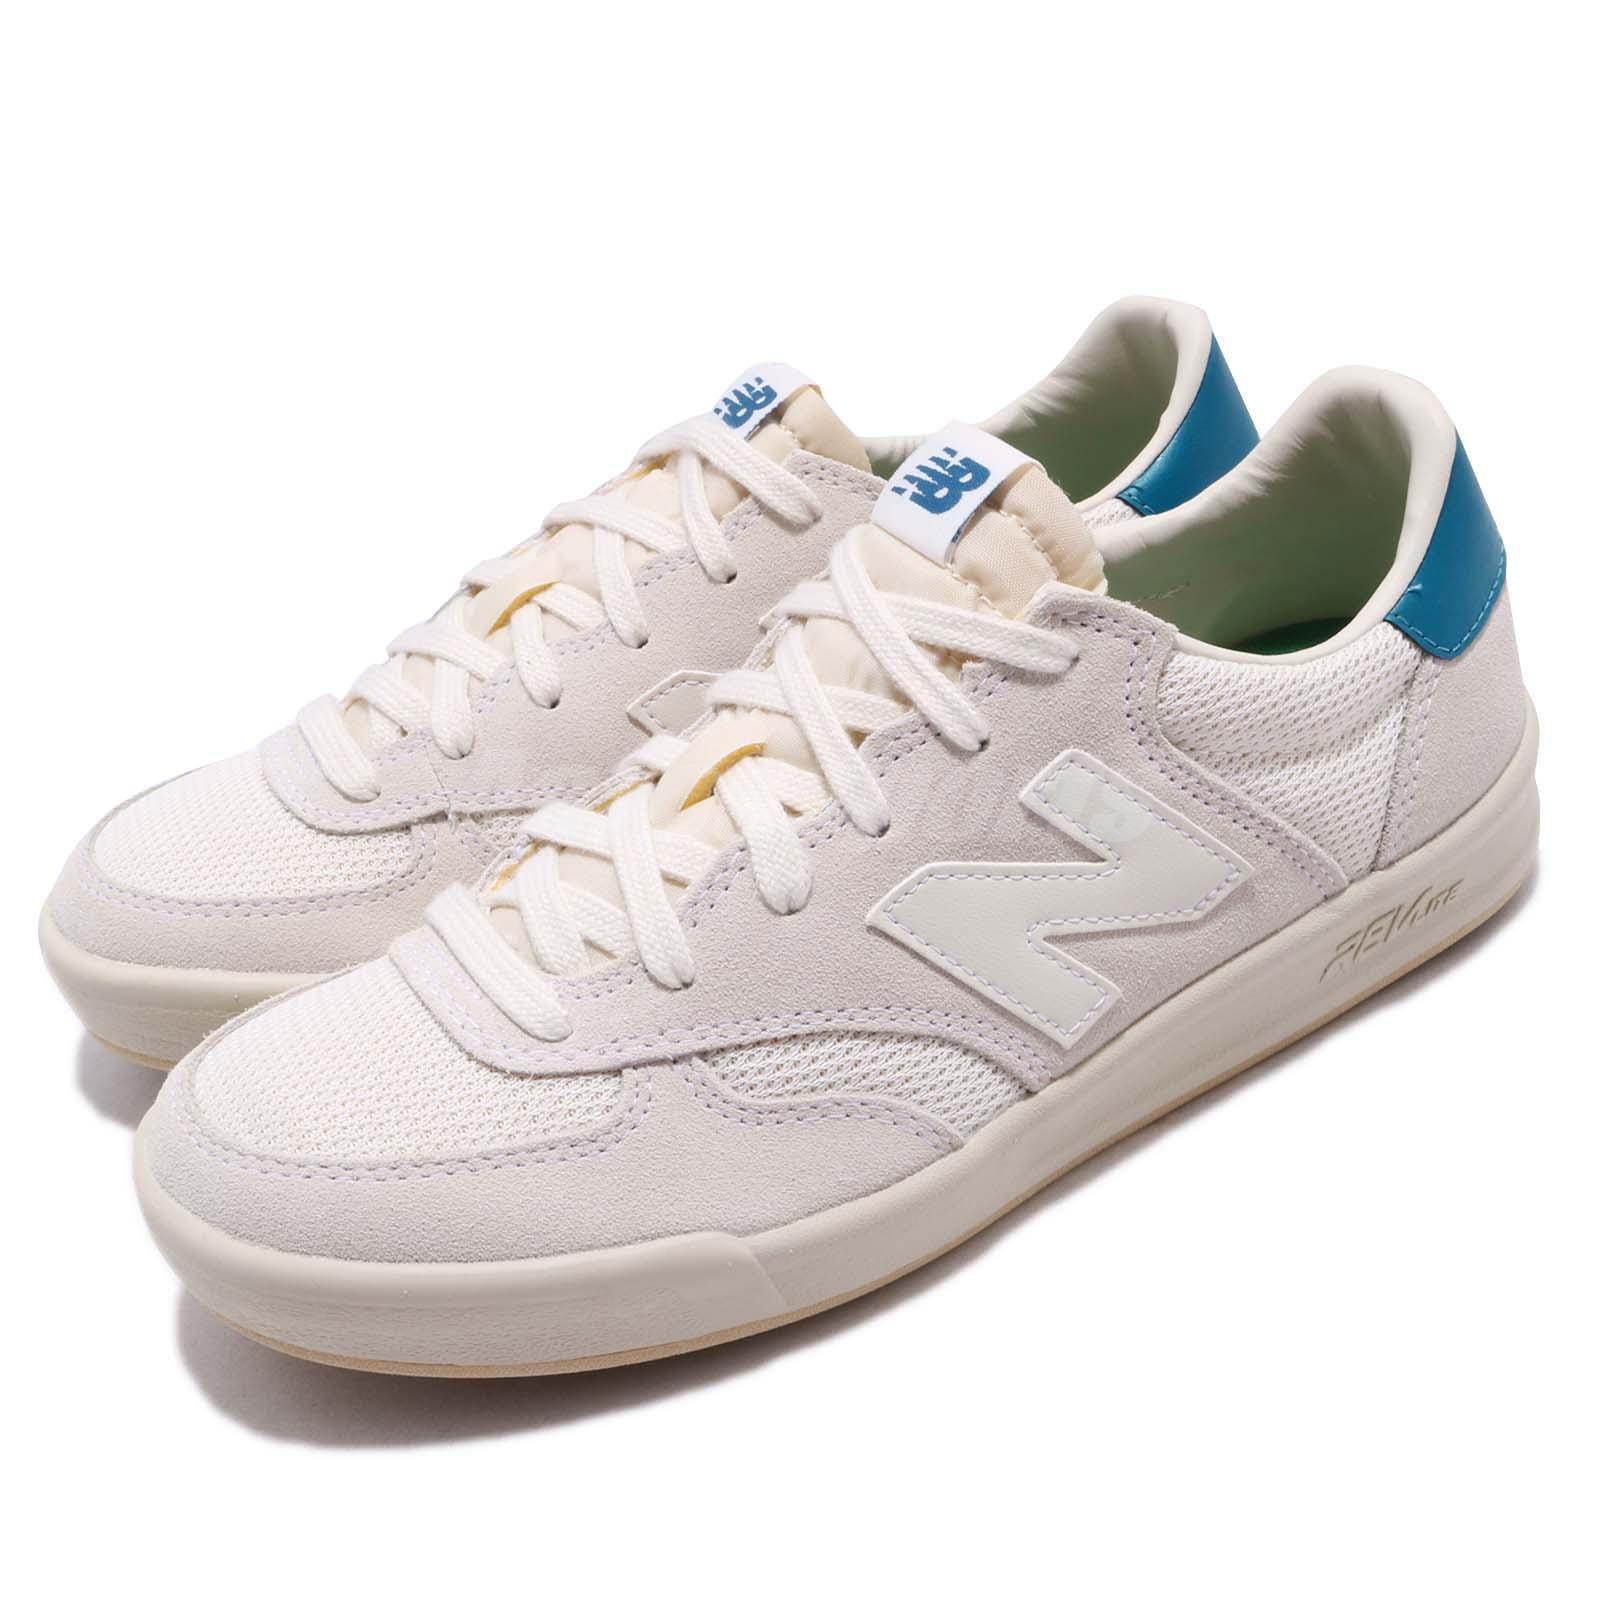 Nuovo equilibrio CRT300VW  D Beige blu Suede Men Scarpe Casuale scarpe da ginnastica CRT300VWD  vendita di offerte